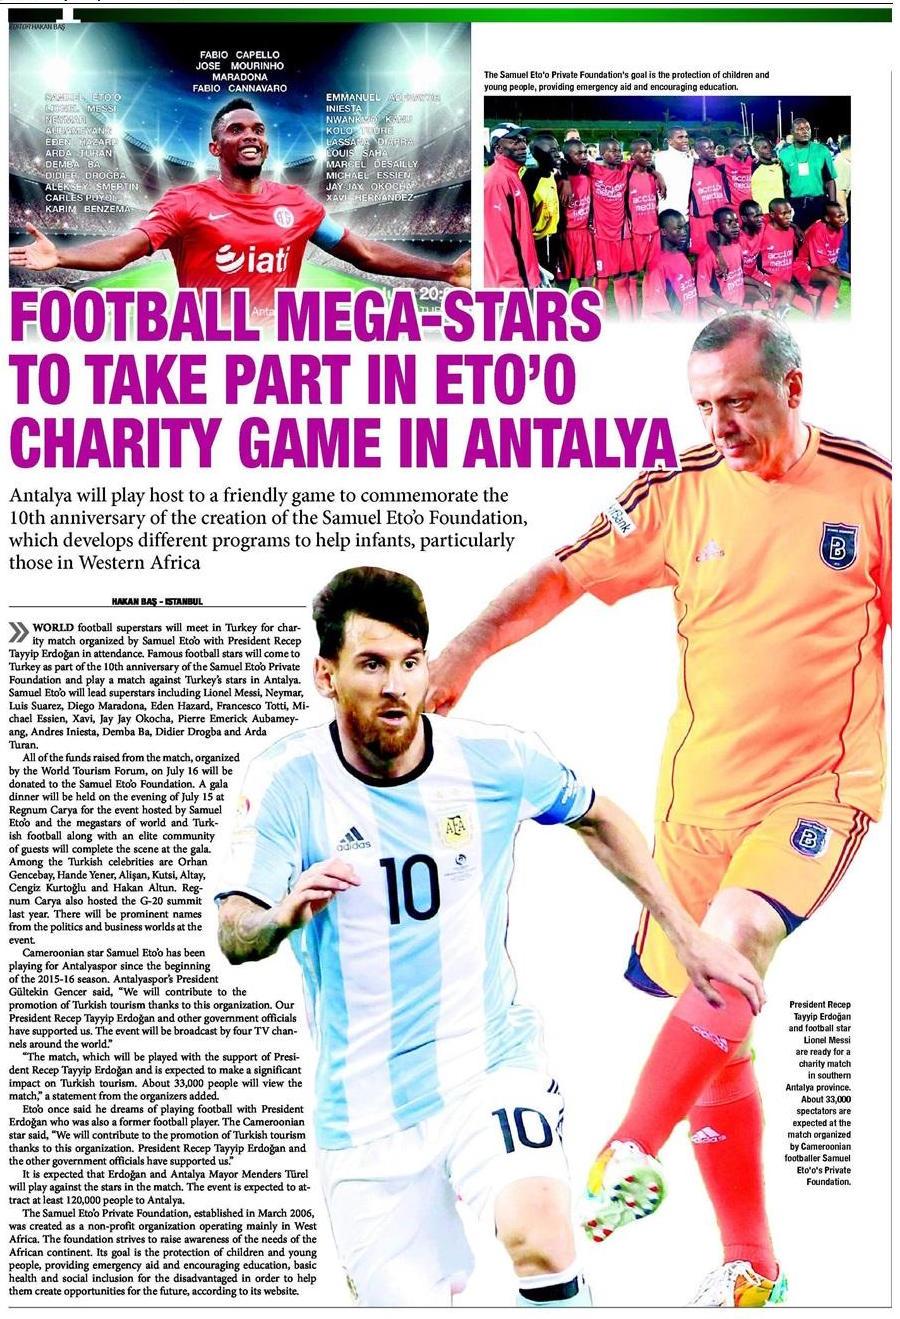 Daily Sabah (2) 2016.07.15